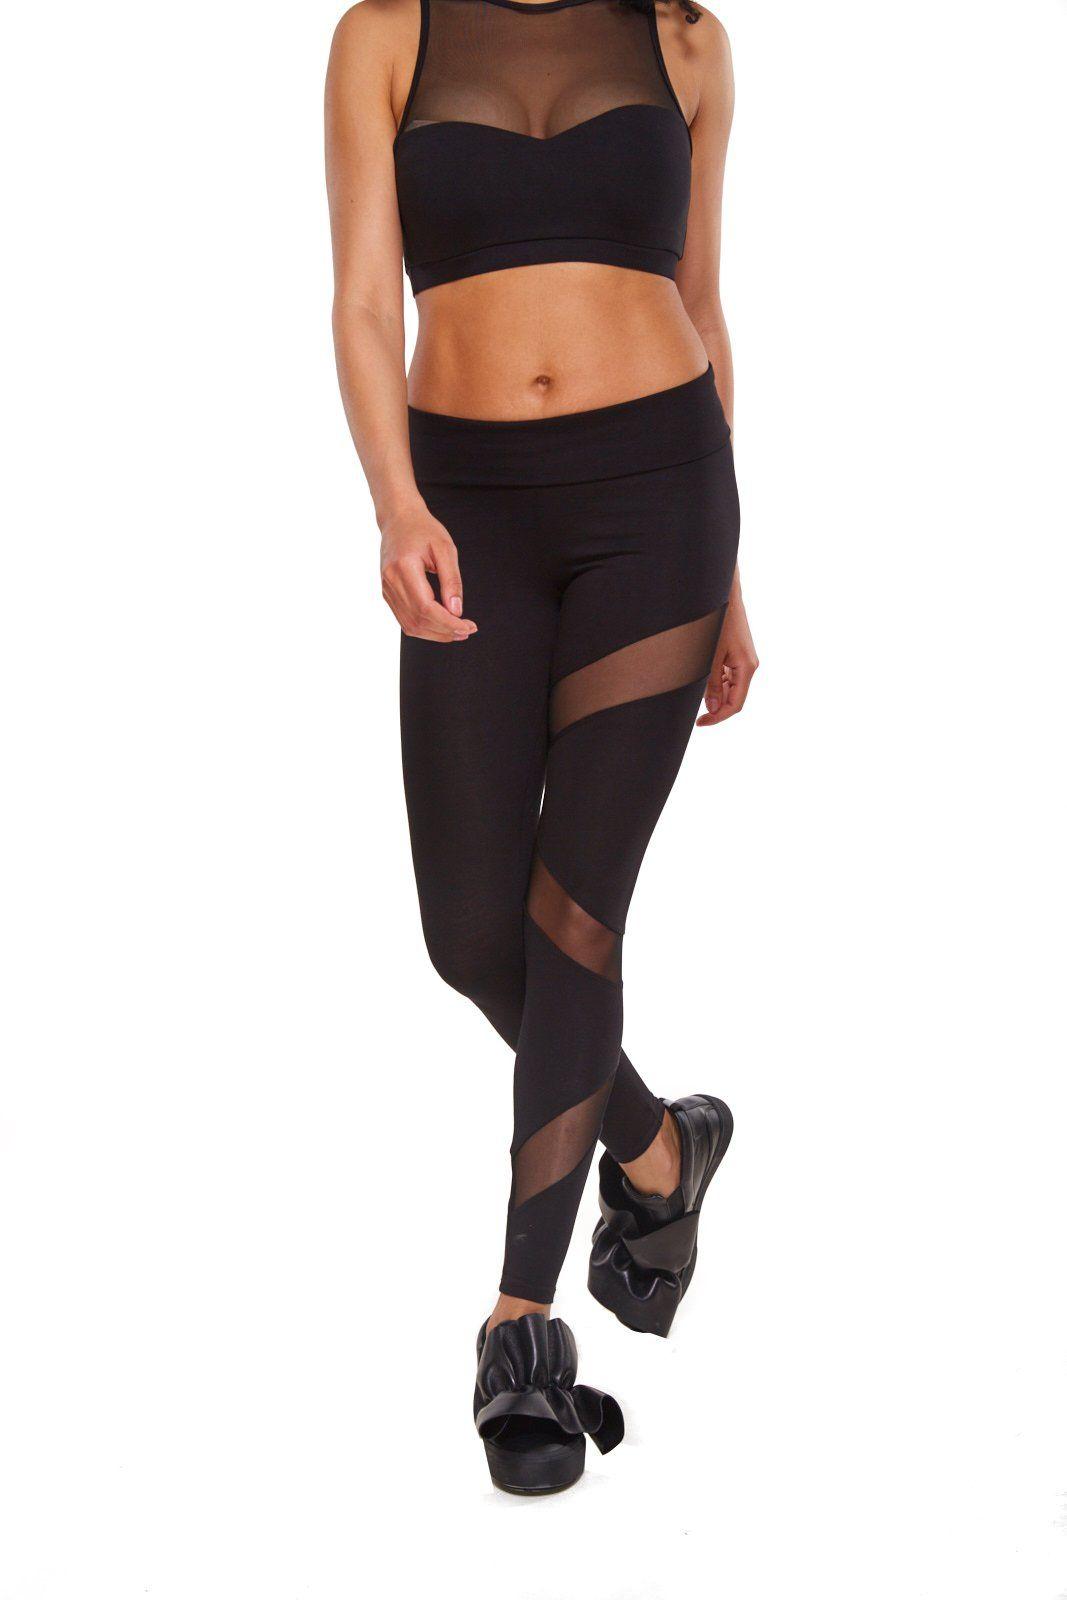 c37faf8c1c64b Zen Wear Yoga Pants for Women Mesh Leggings Made with Organic Cotton ...